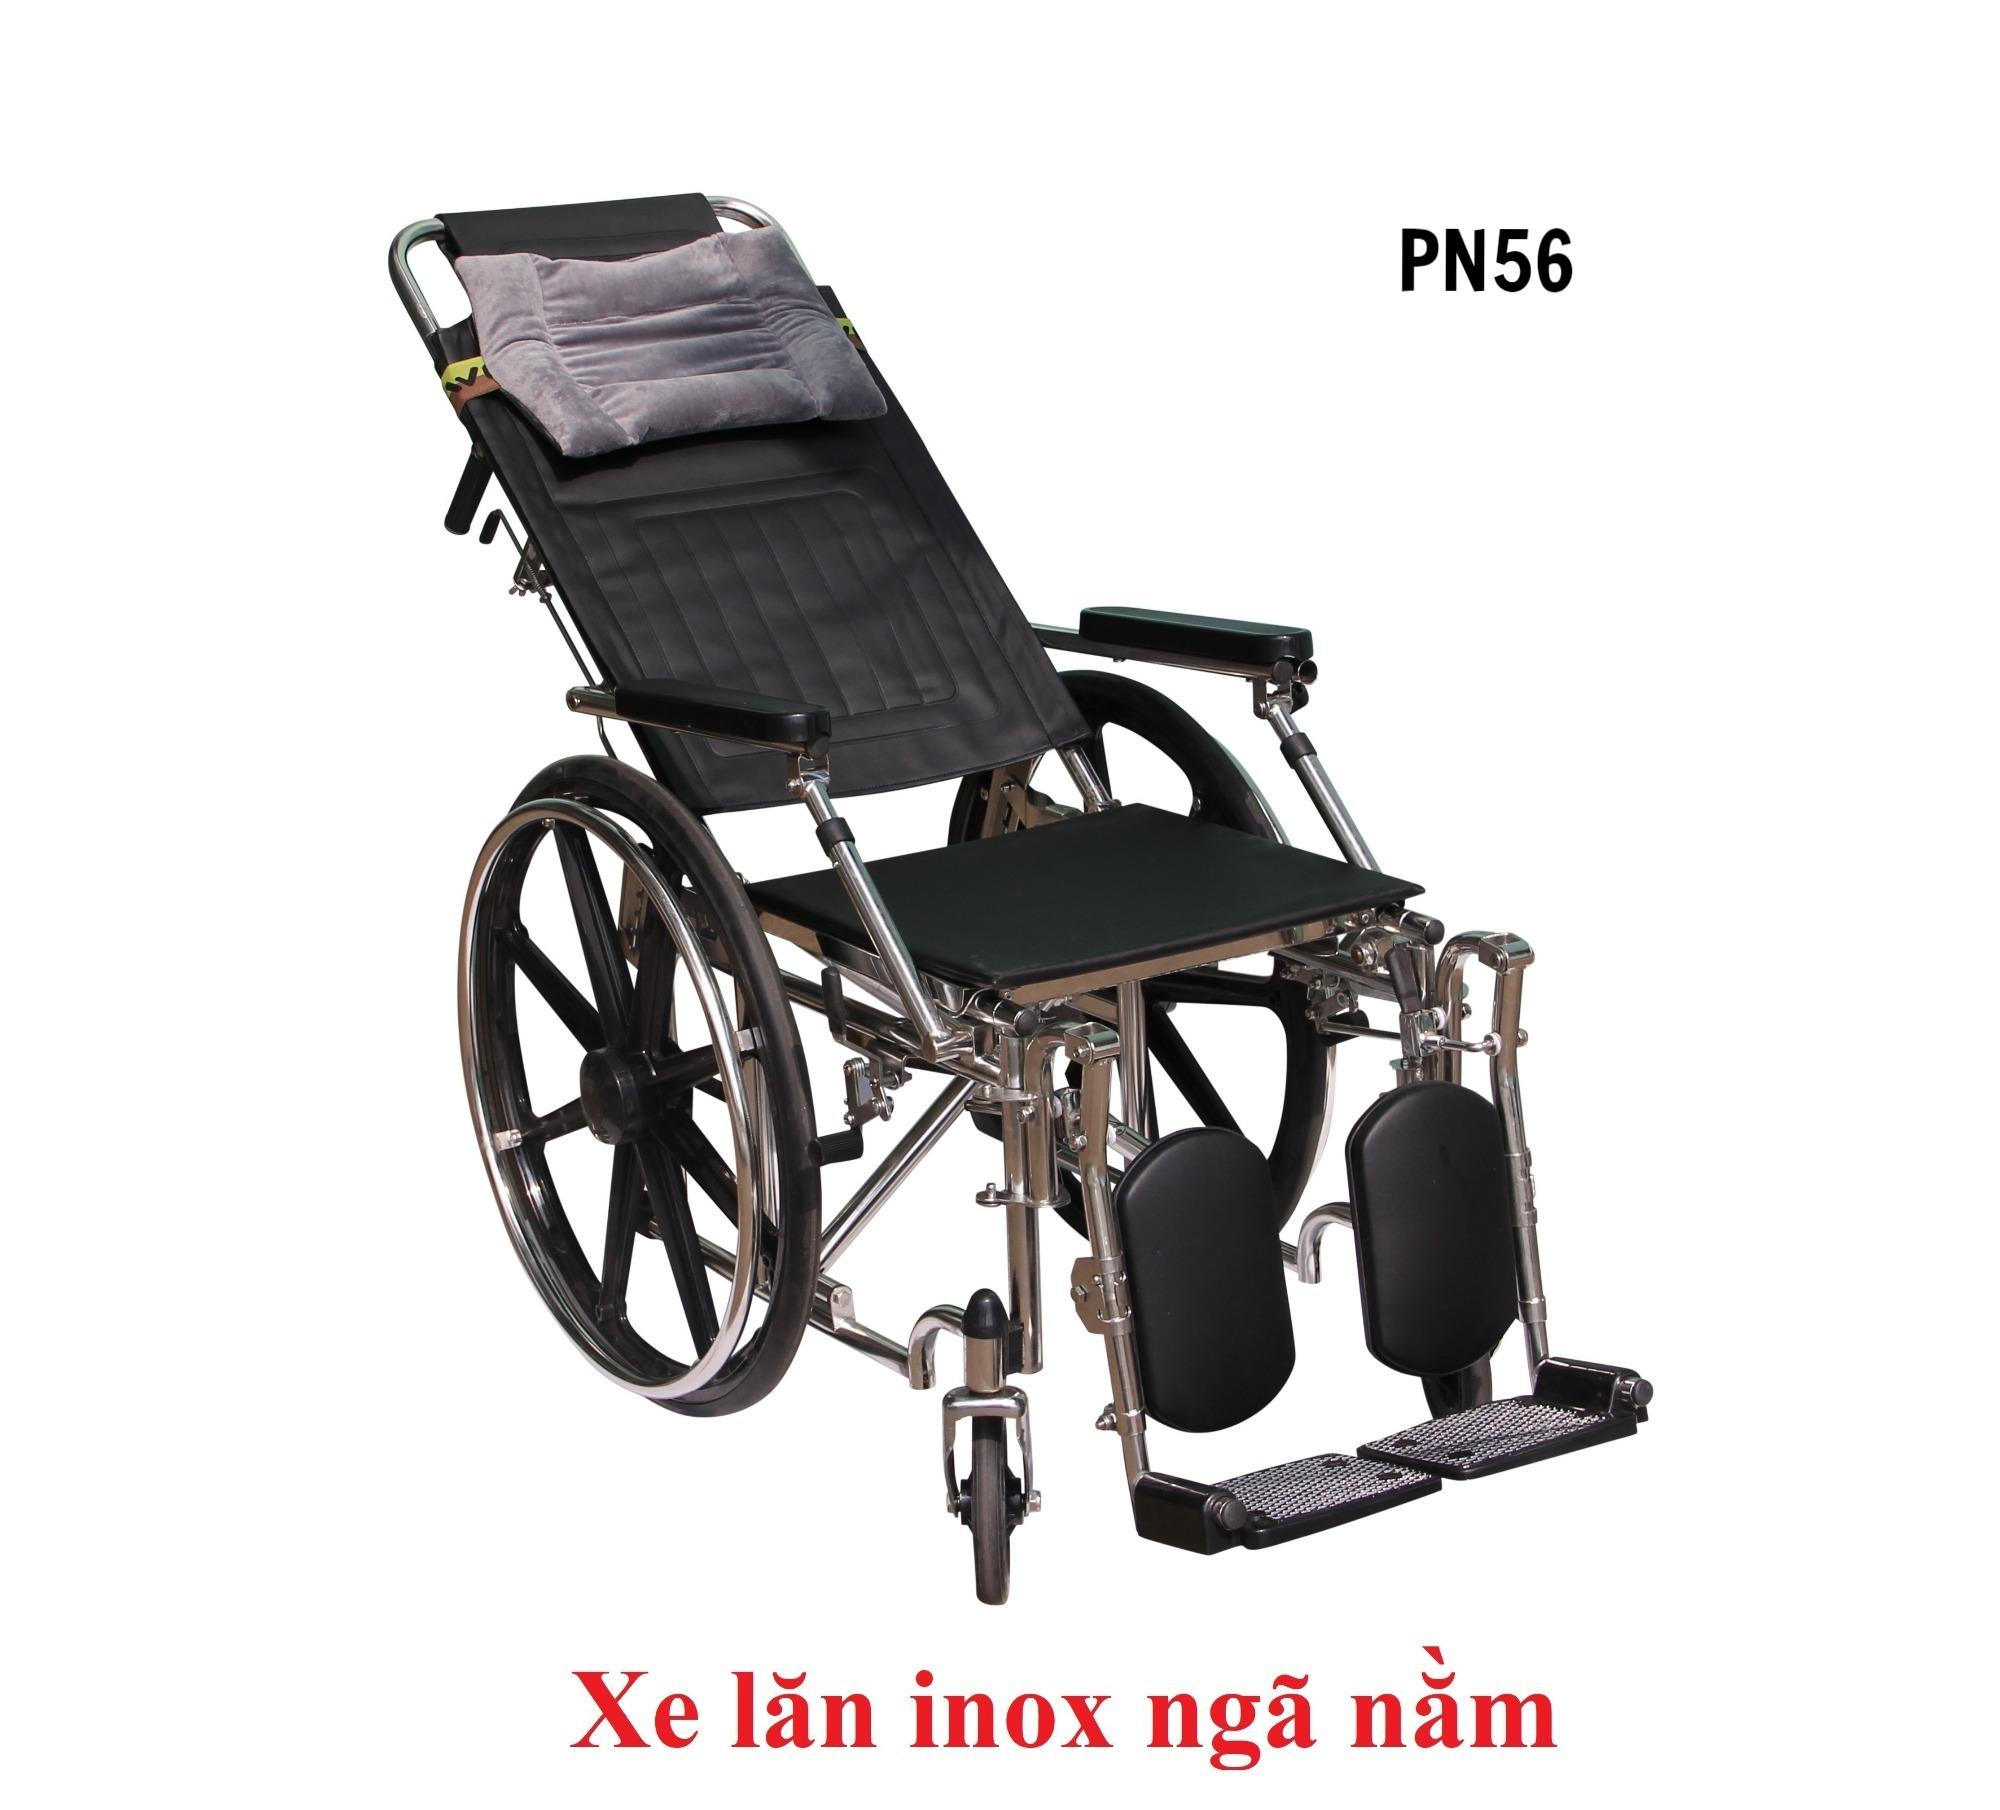 PN56 - Xe lăn inox ngã nằm